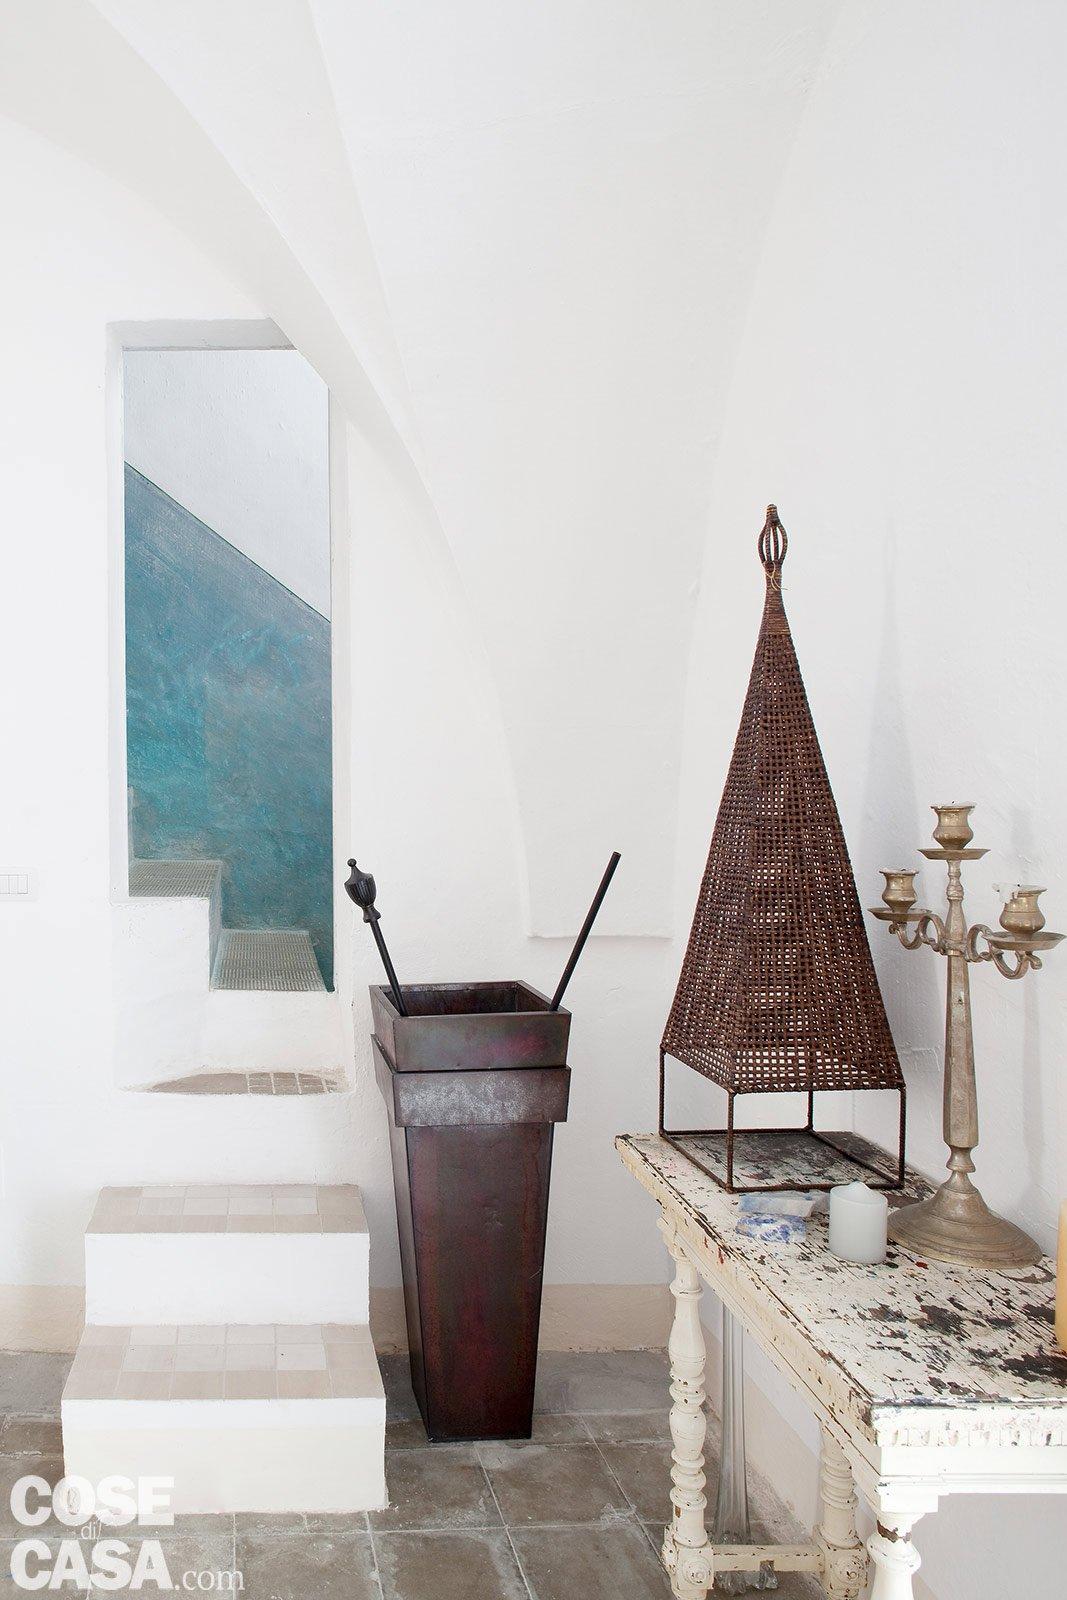 Una casa in pietra in stile mediterraneo cose di casa for Interni abitazioni